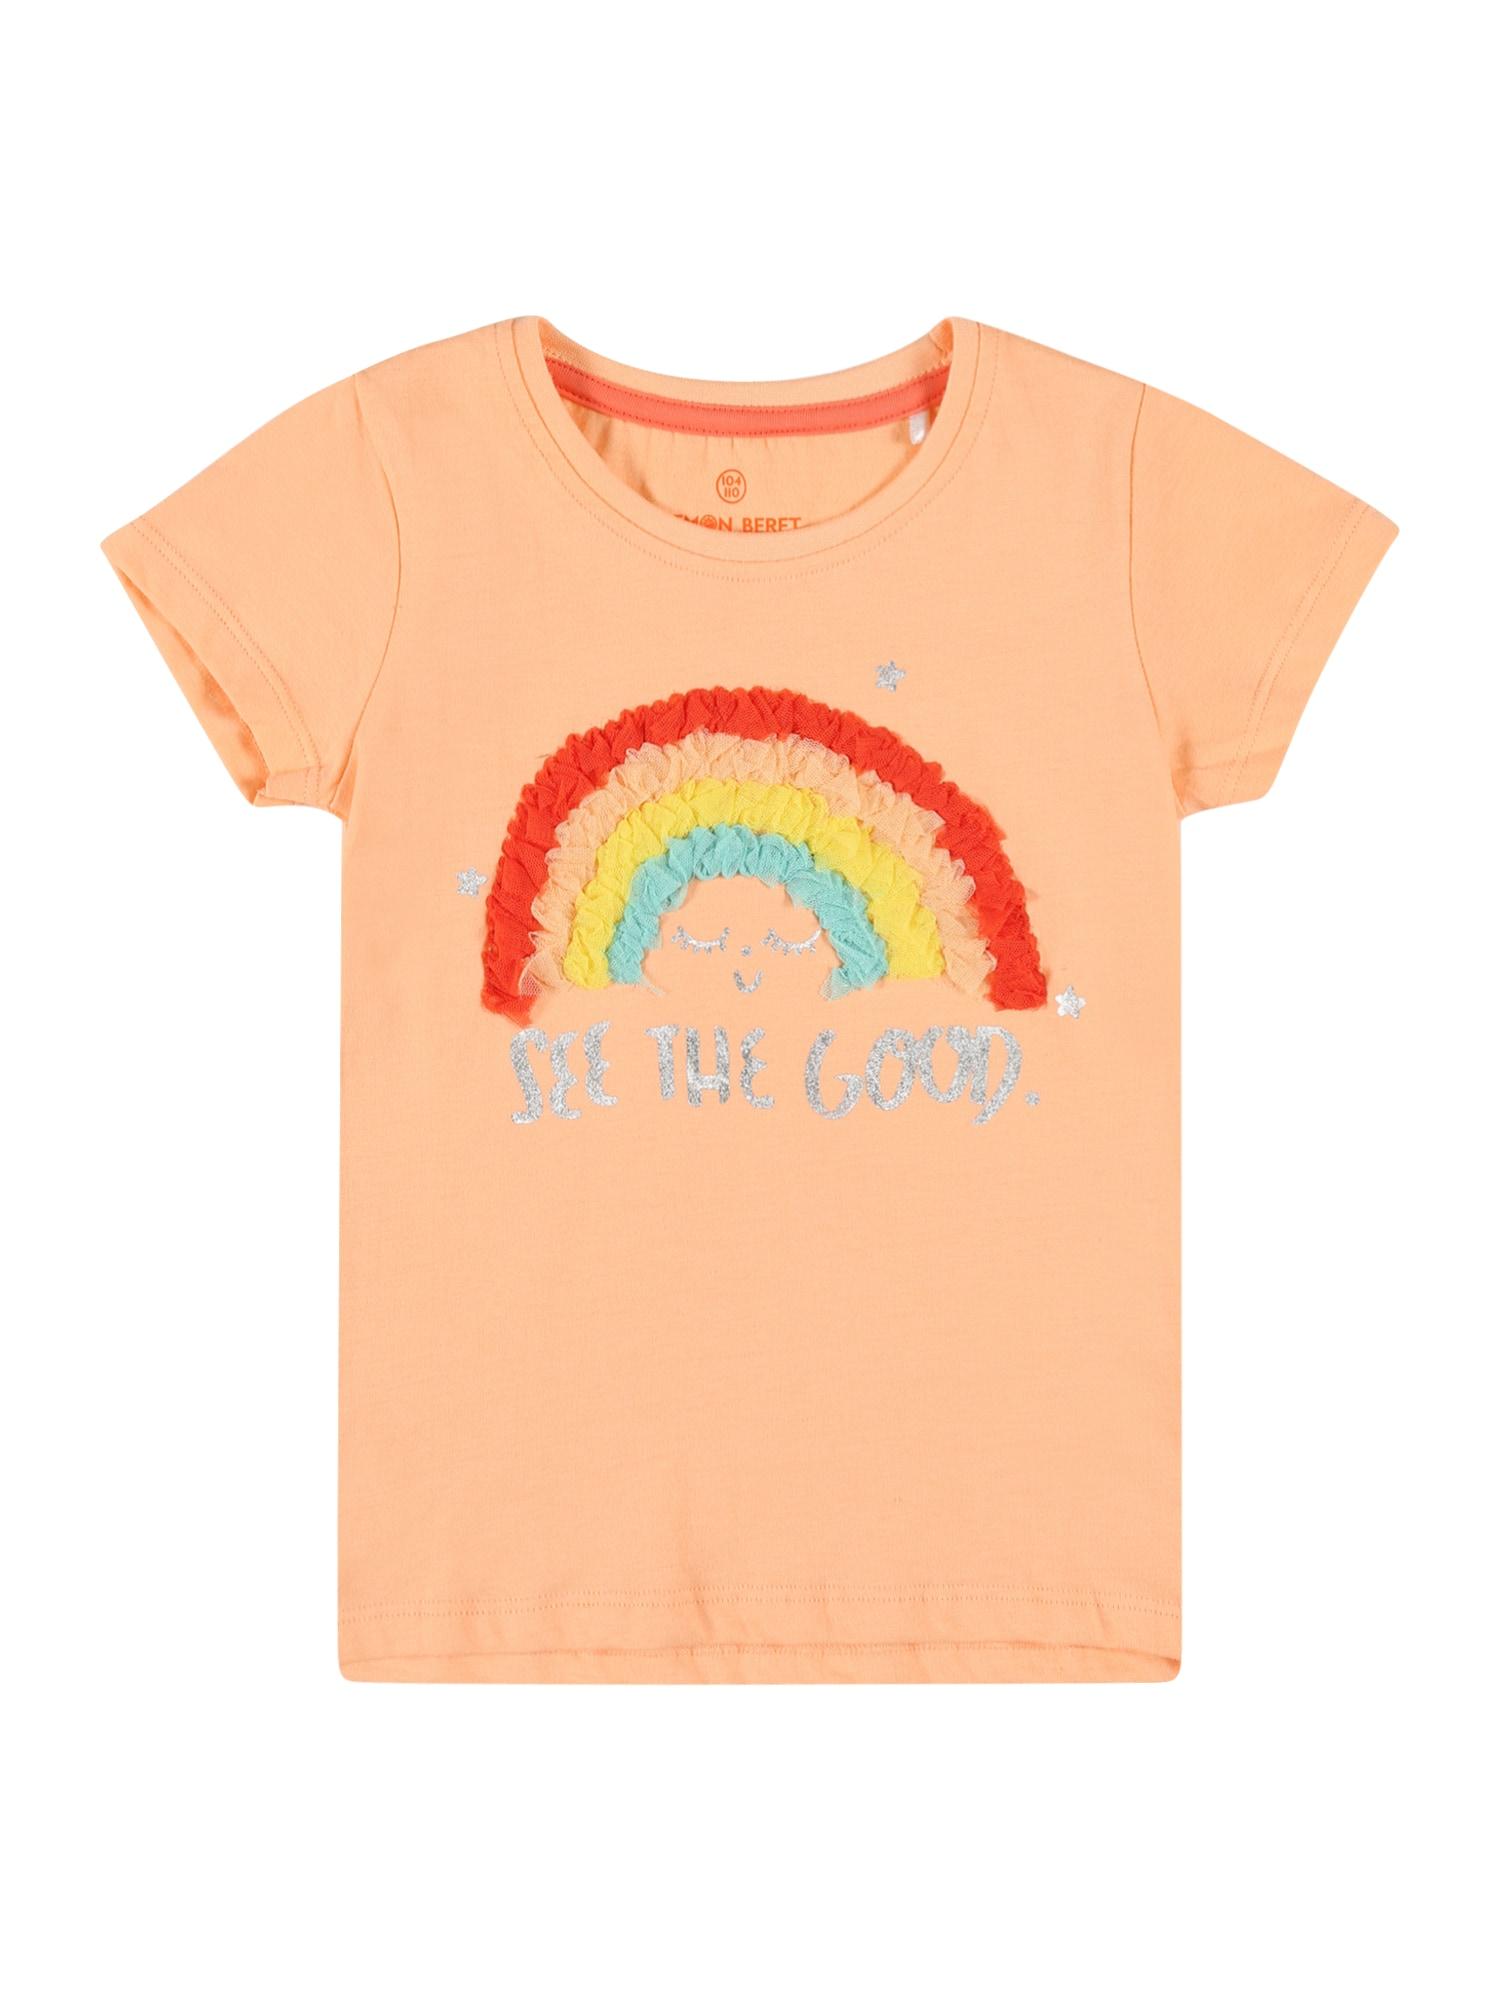 LEMON BERET Tričko  jasně oranžová